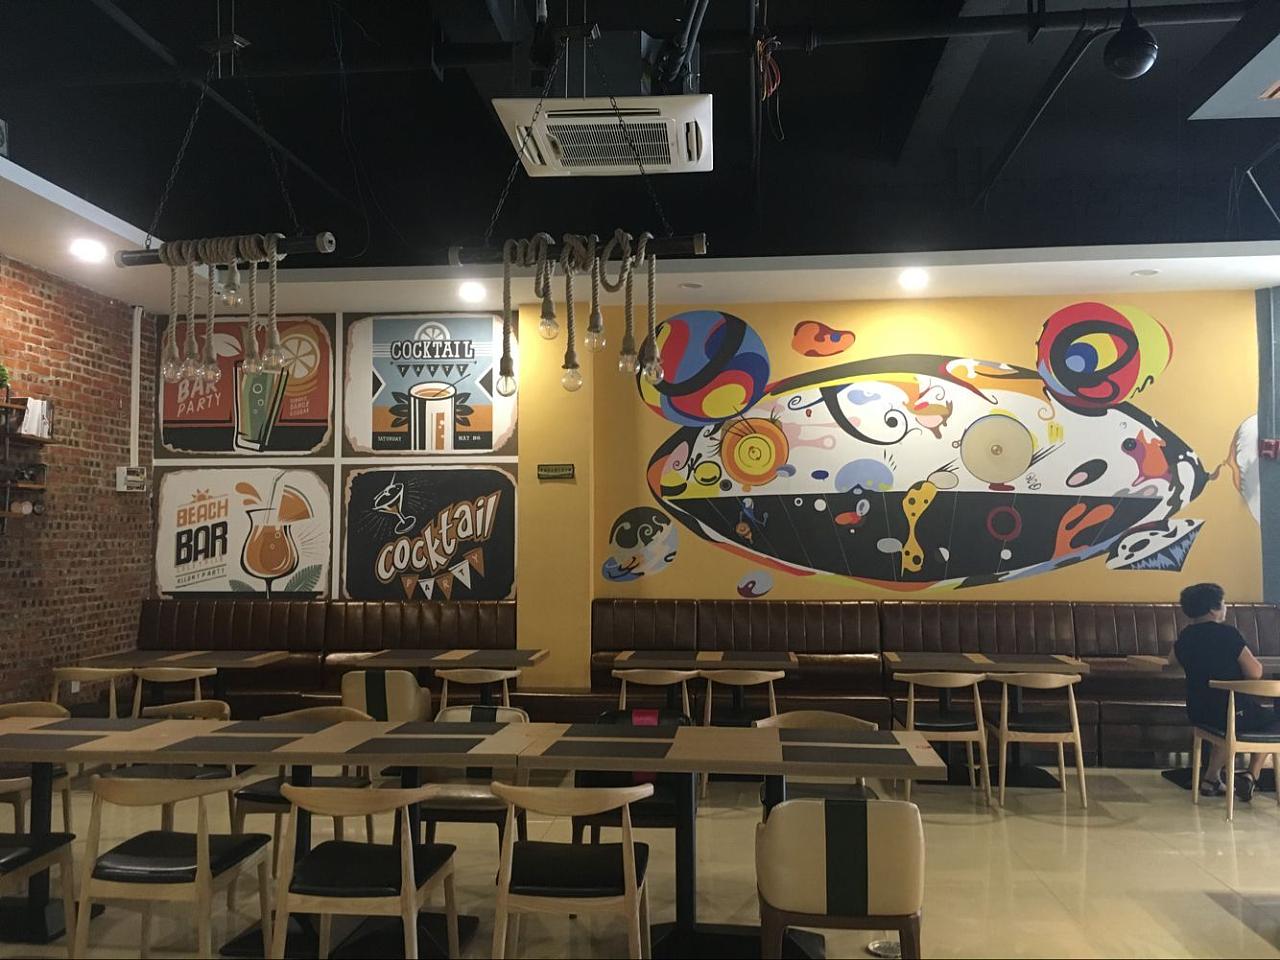 西餐店 其他 墙绘/立体画 懿轩手绘墙 - 原创作品